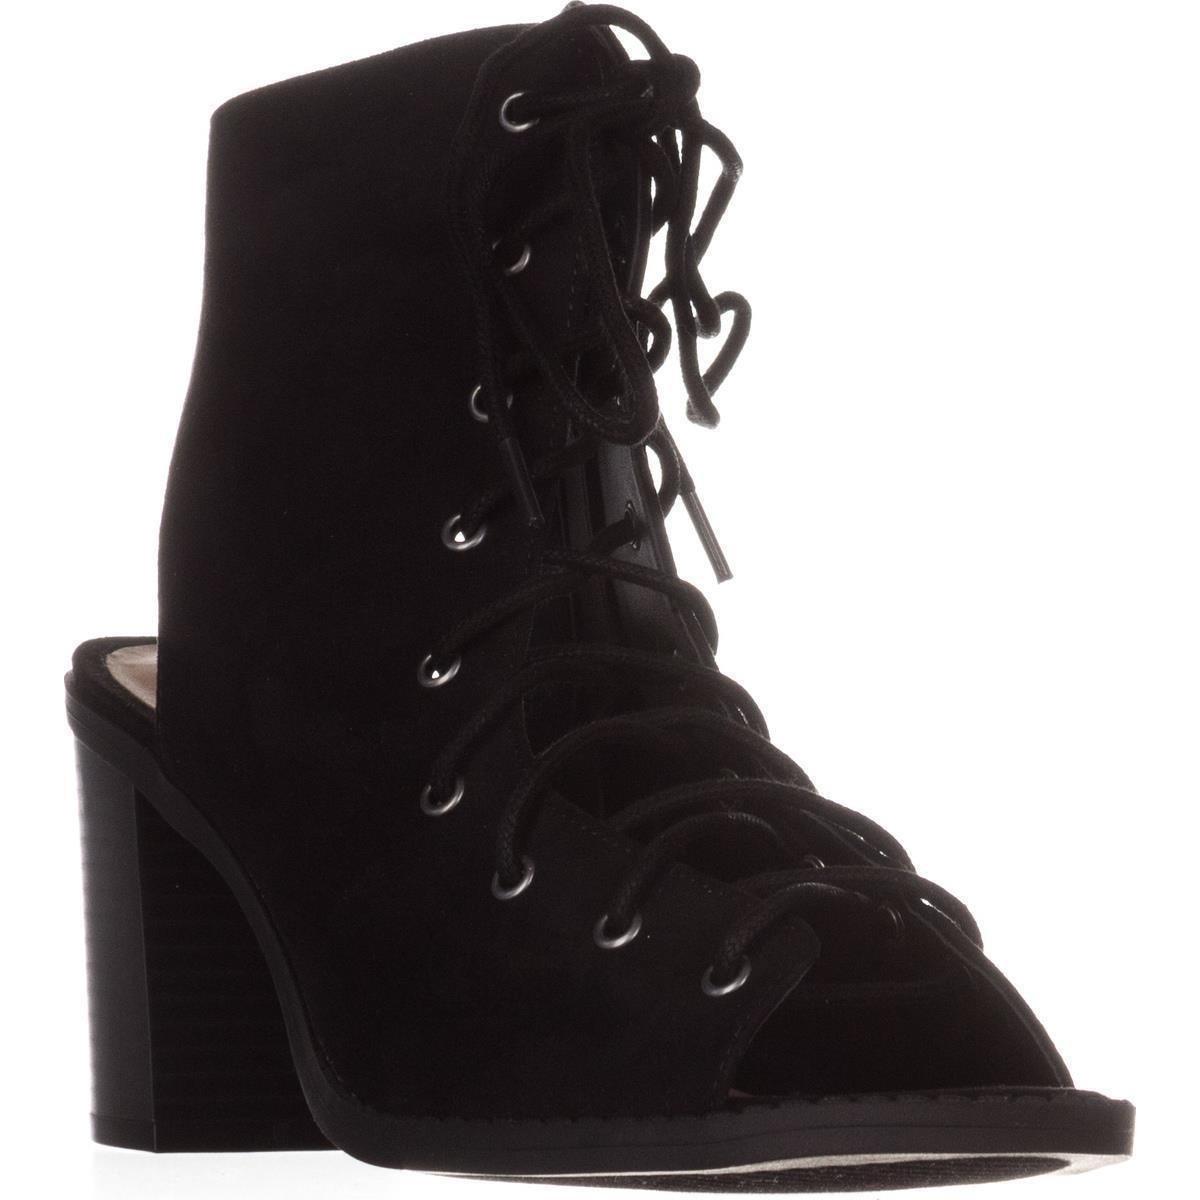 American Rag Frauen Savanah Stiefel Offener Zeh Fashion Stiefel Savanah schwarz c6f2f6